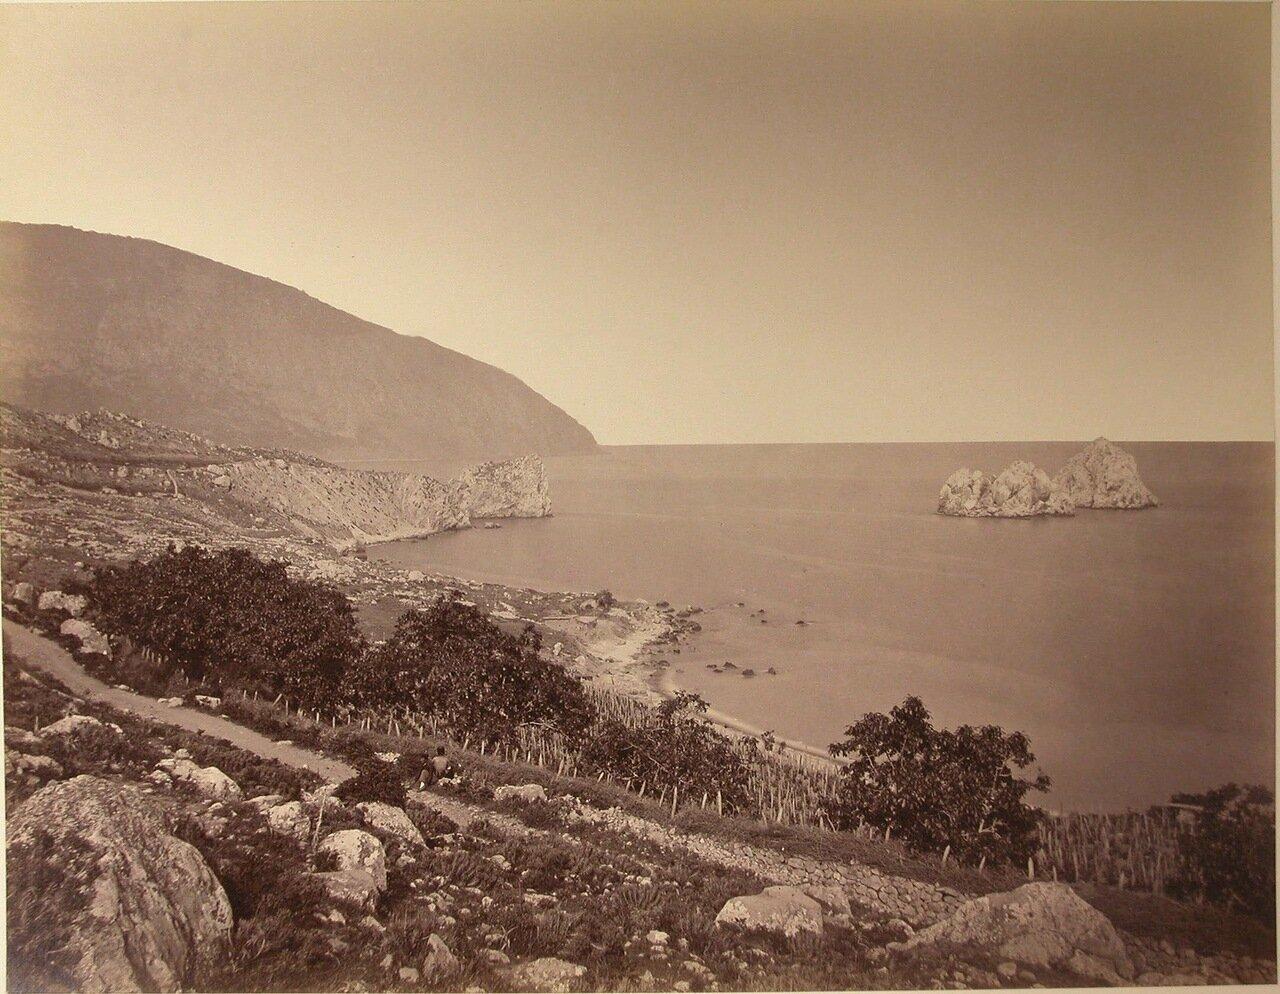 32. Вид территории сада и виноградников на склоне горы вблизи побережья